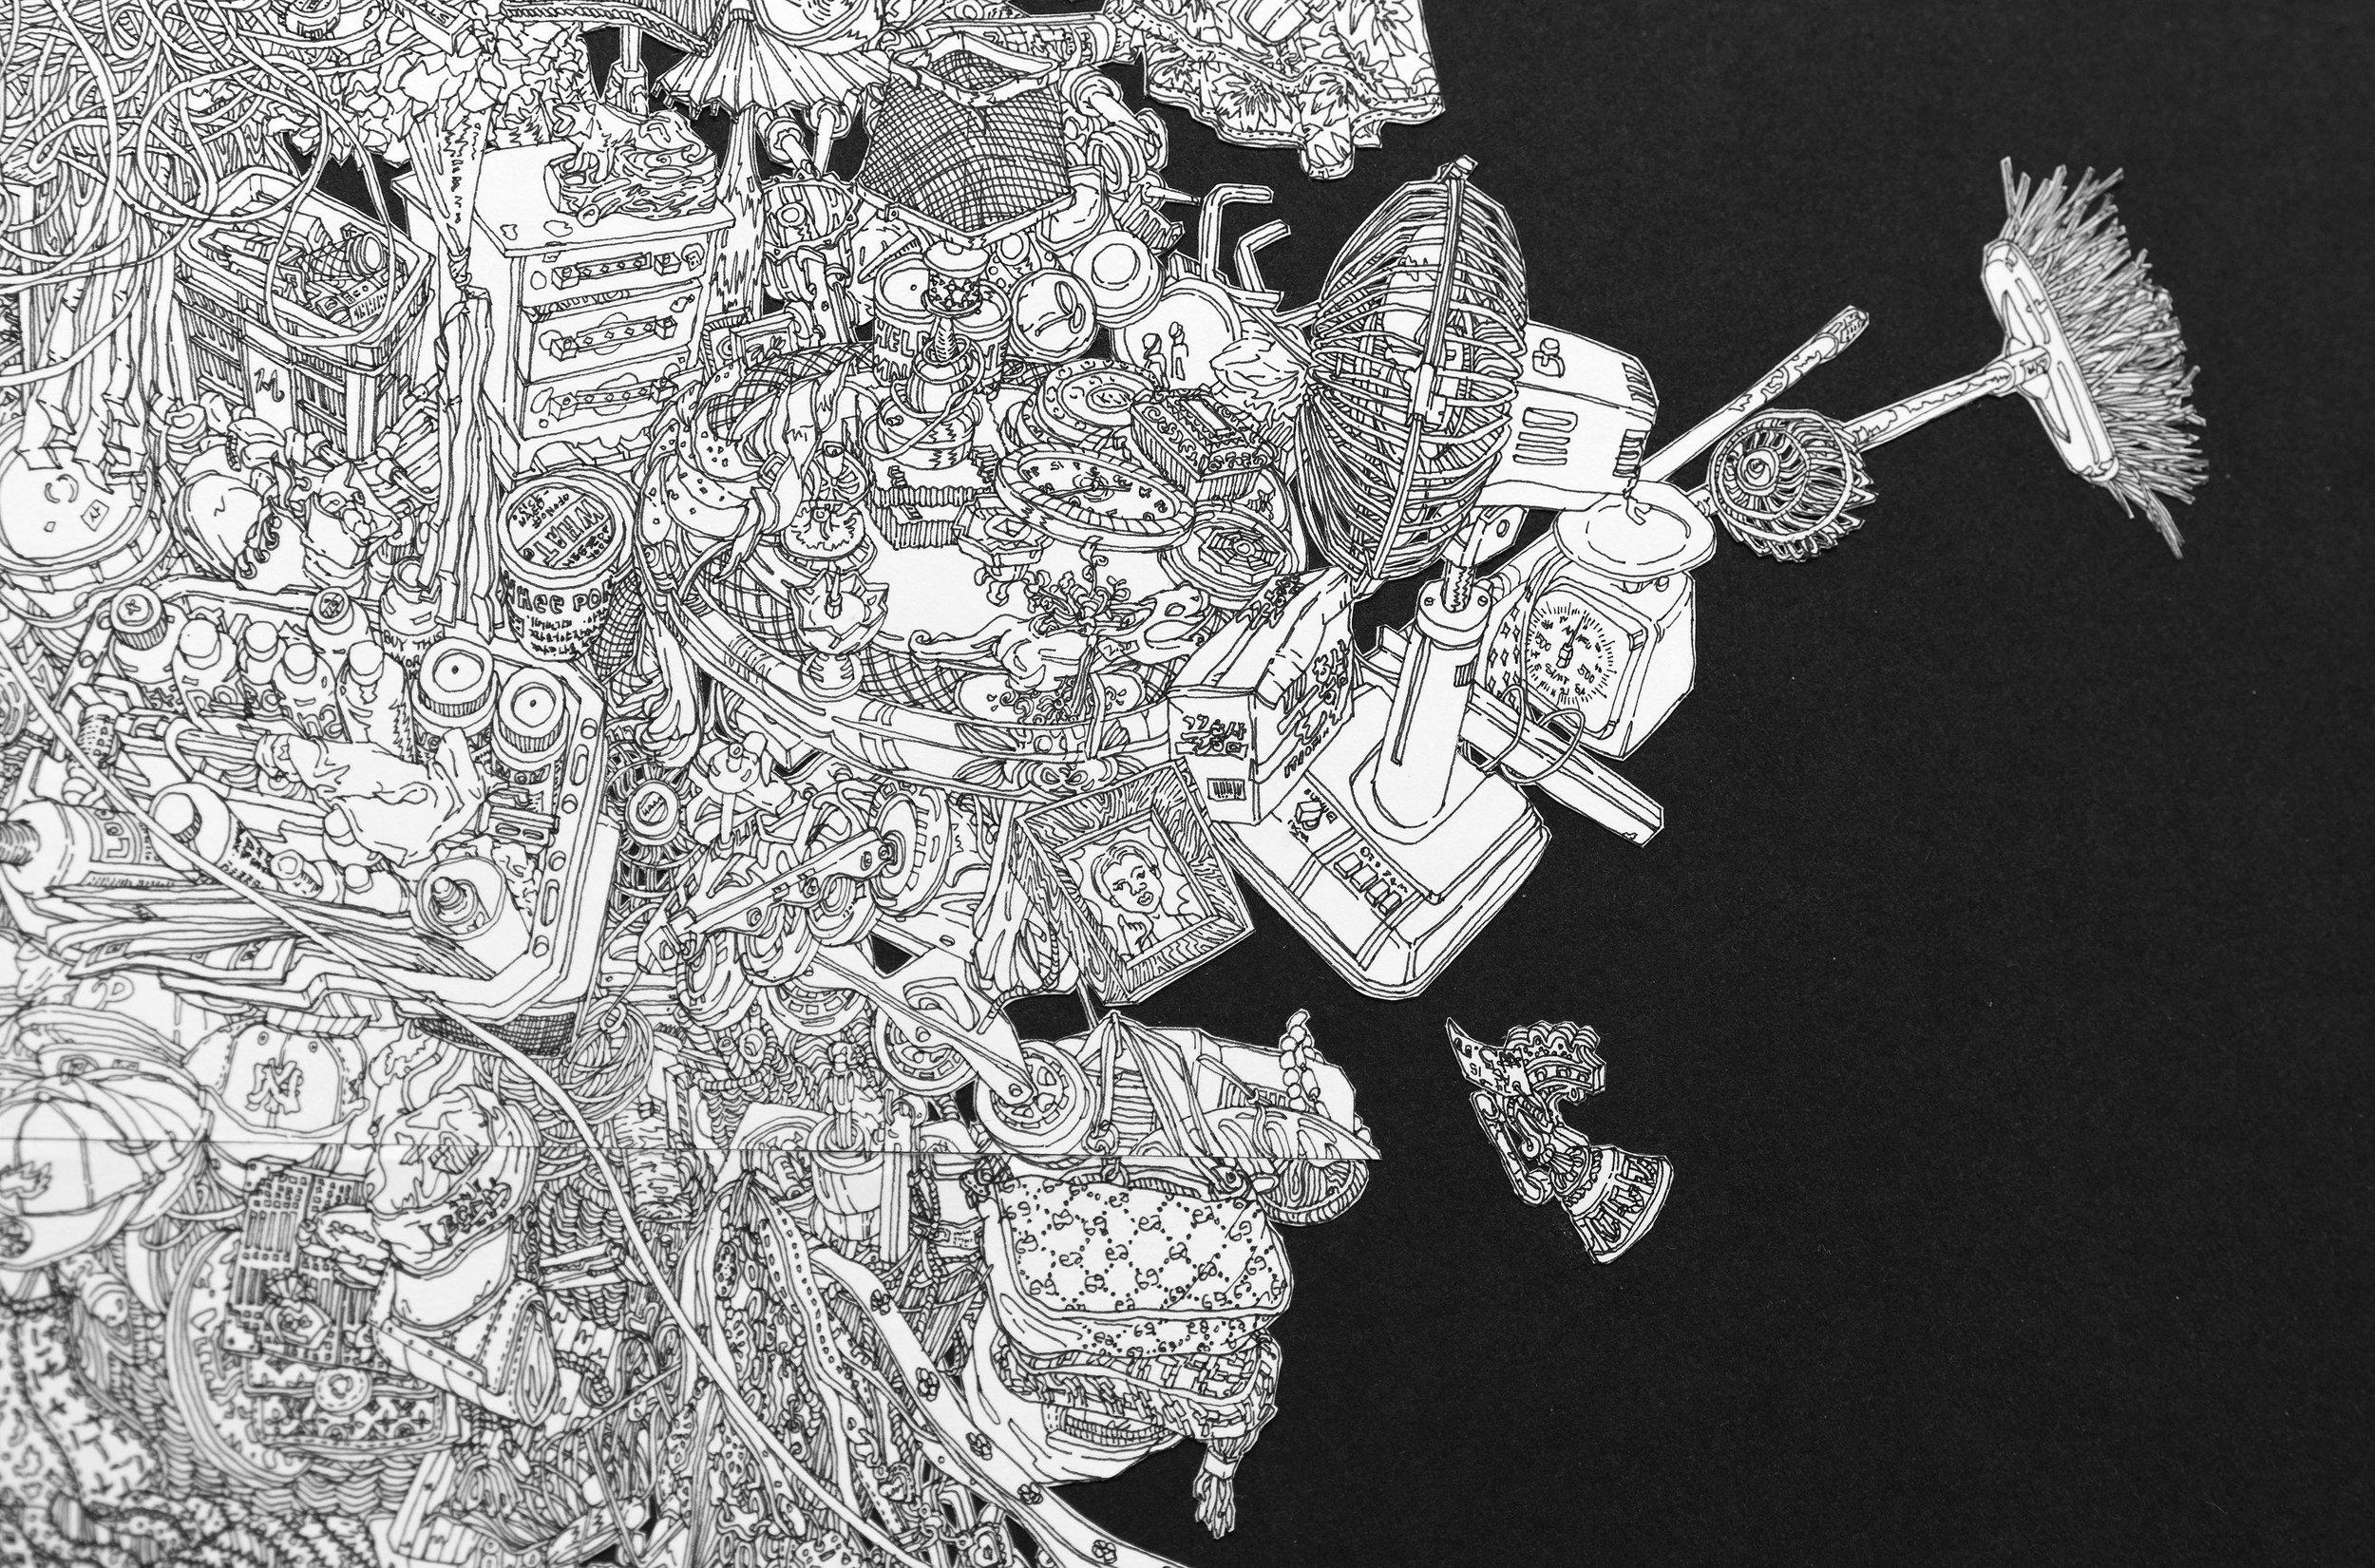 StillLifewithTypewriter_60''x21''_Ped drawing collage on Paper_2019_detail3.jpg